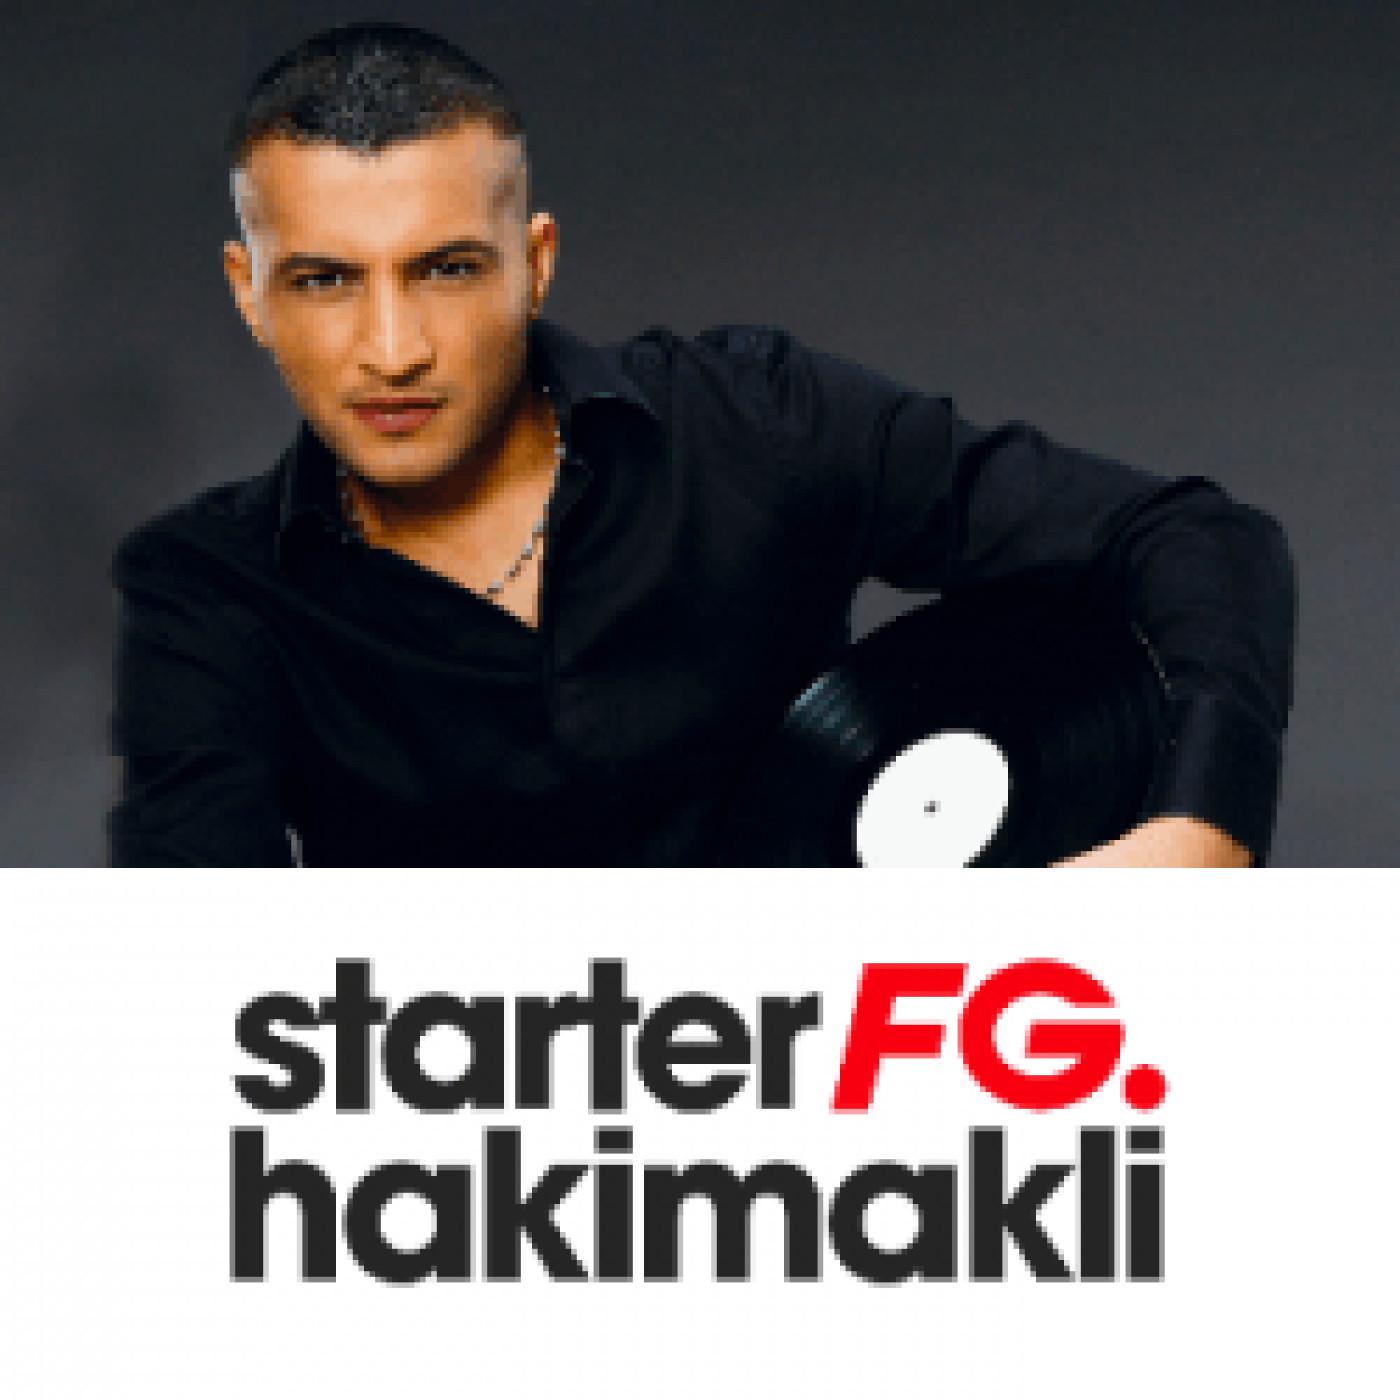 STARTER FG BY HAKIMAKLI MARDI 6 OCTOBRE 2020